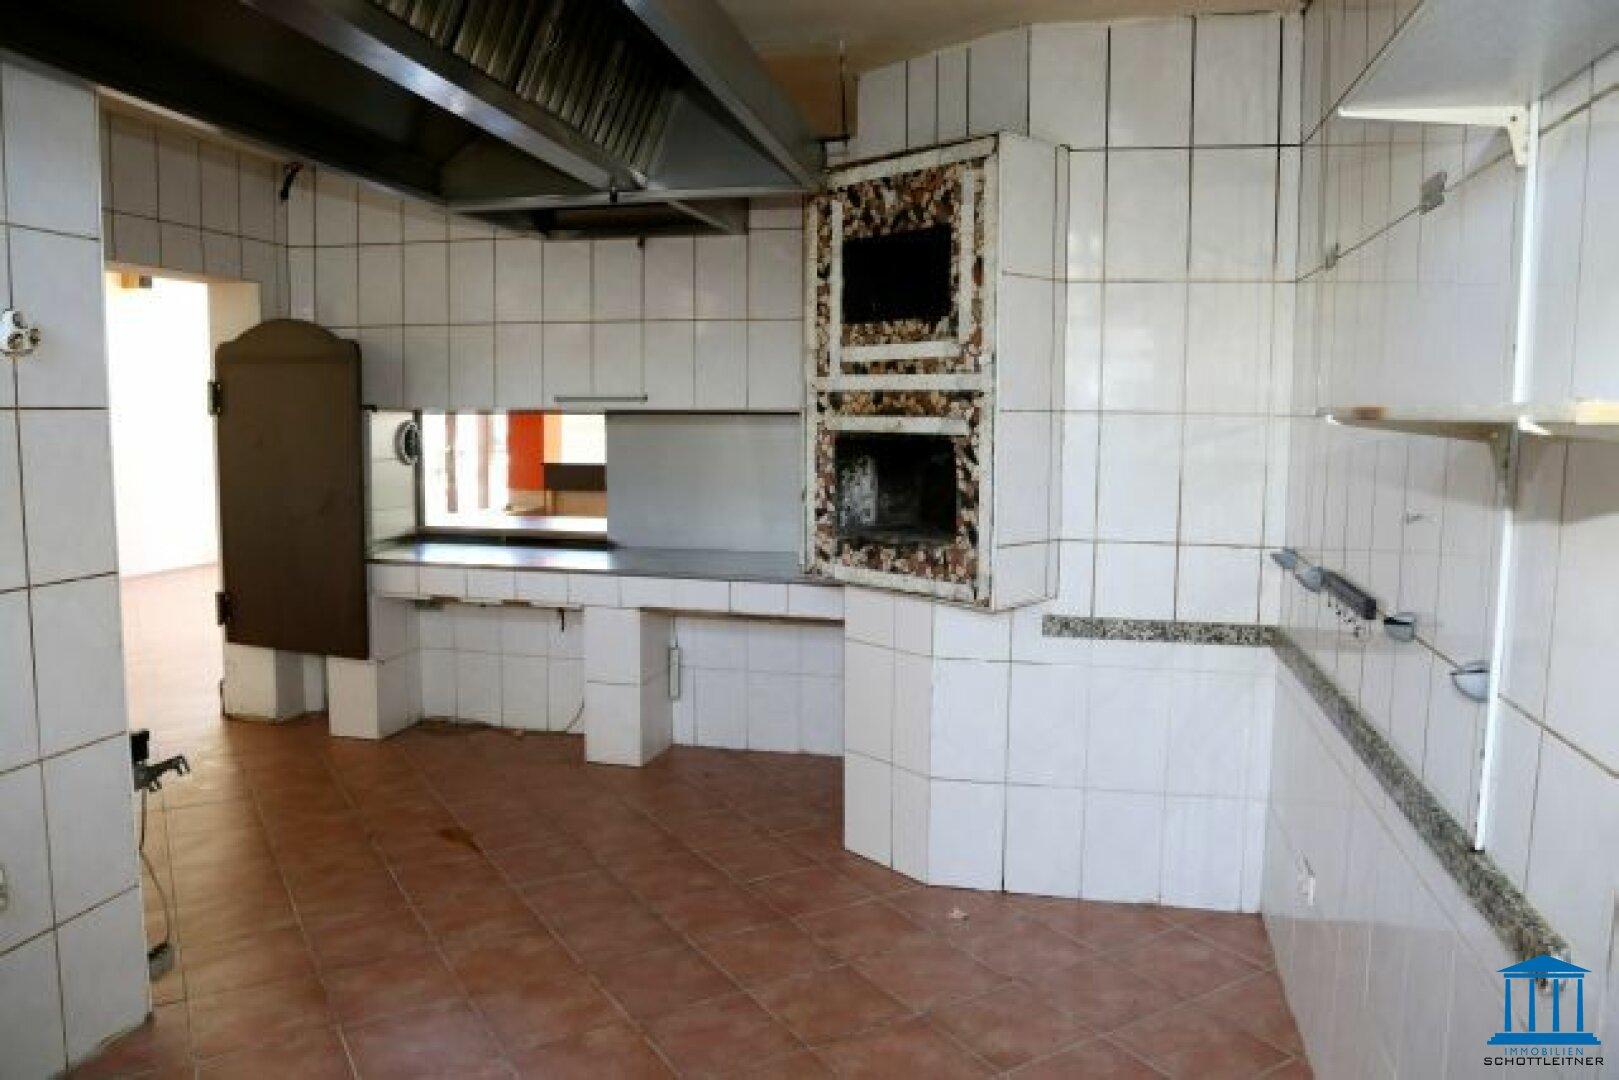 1565_Küche 02